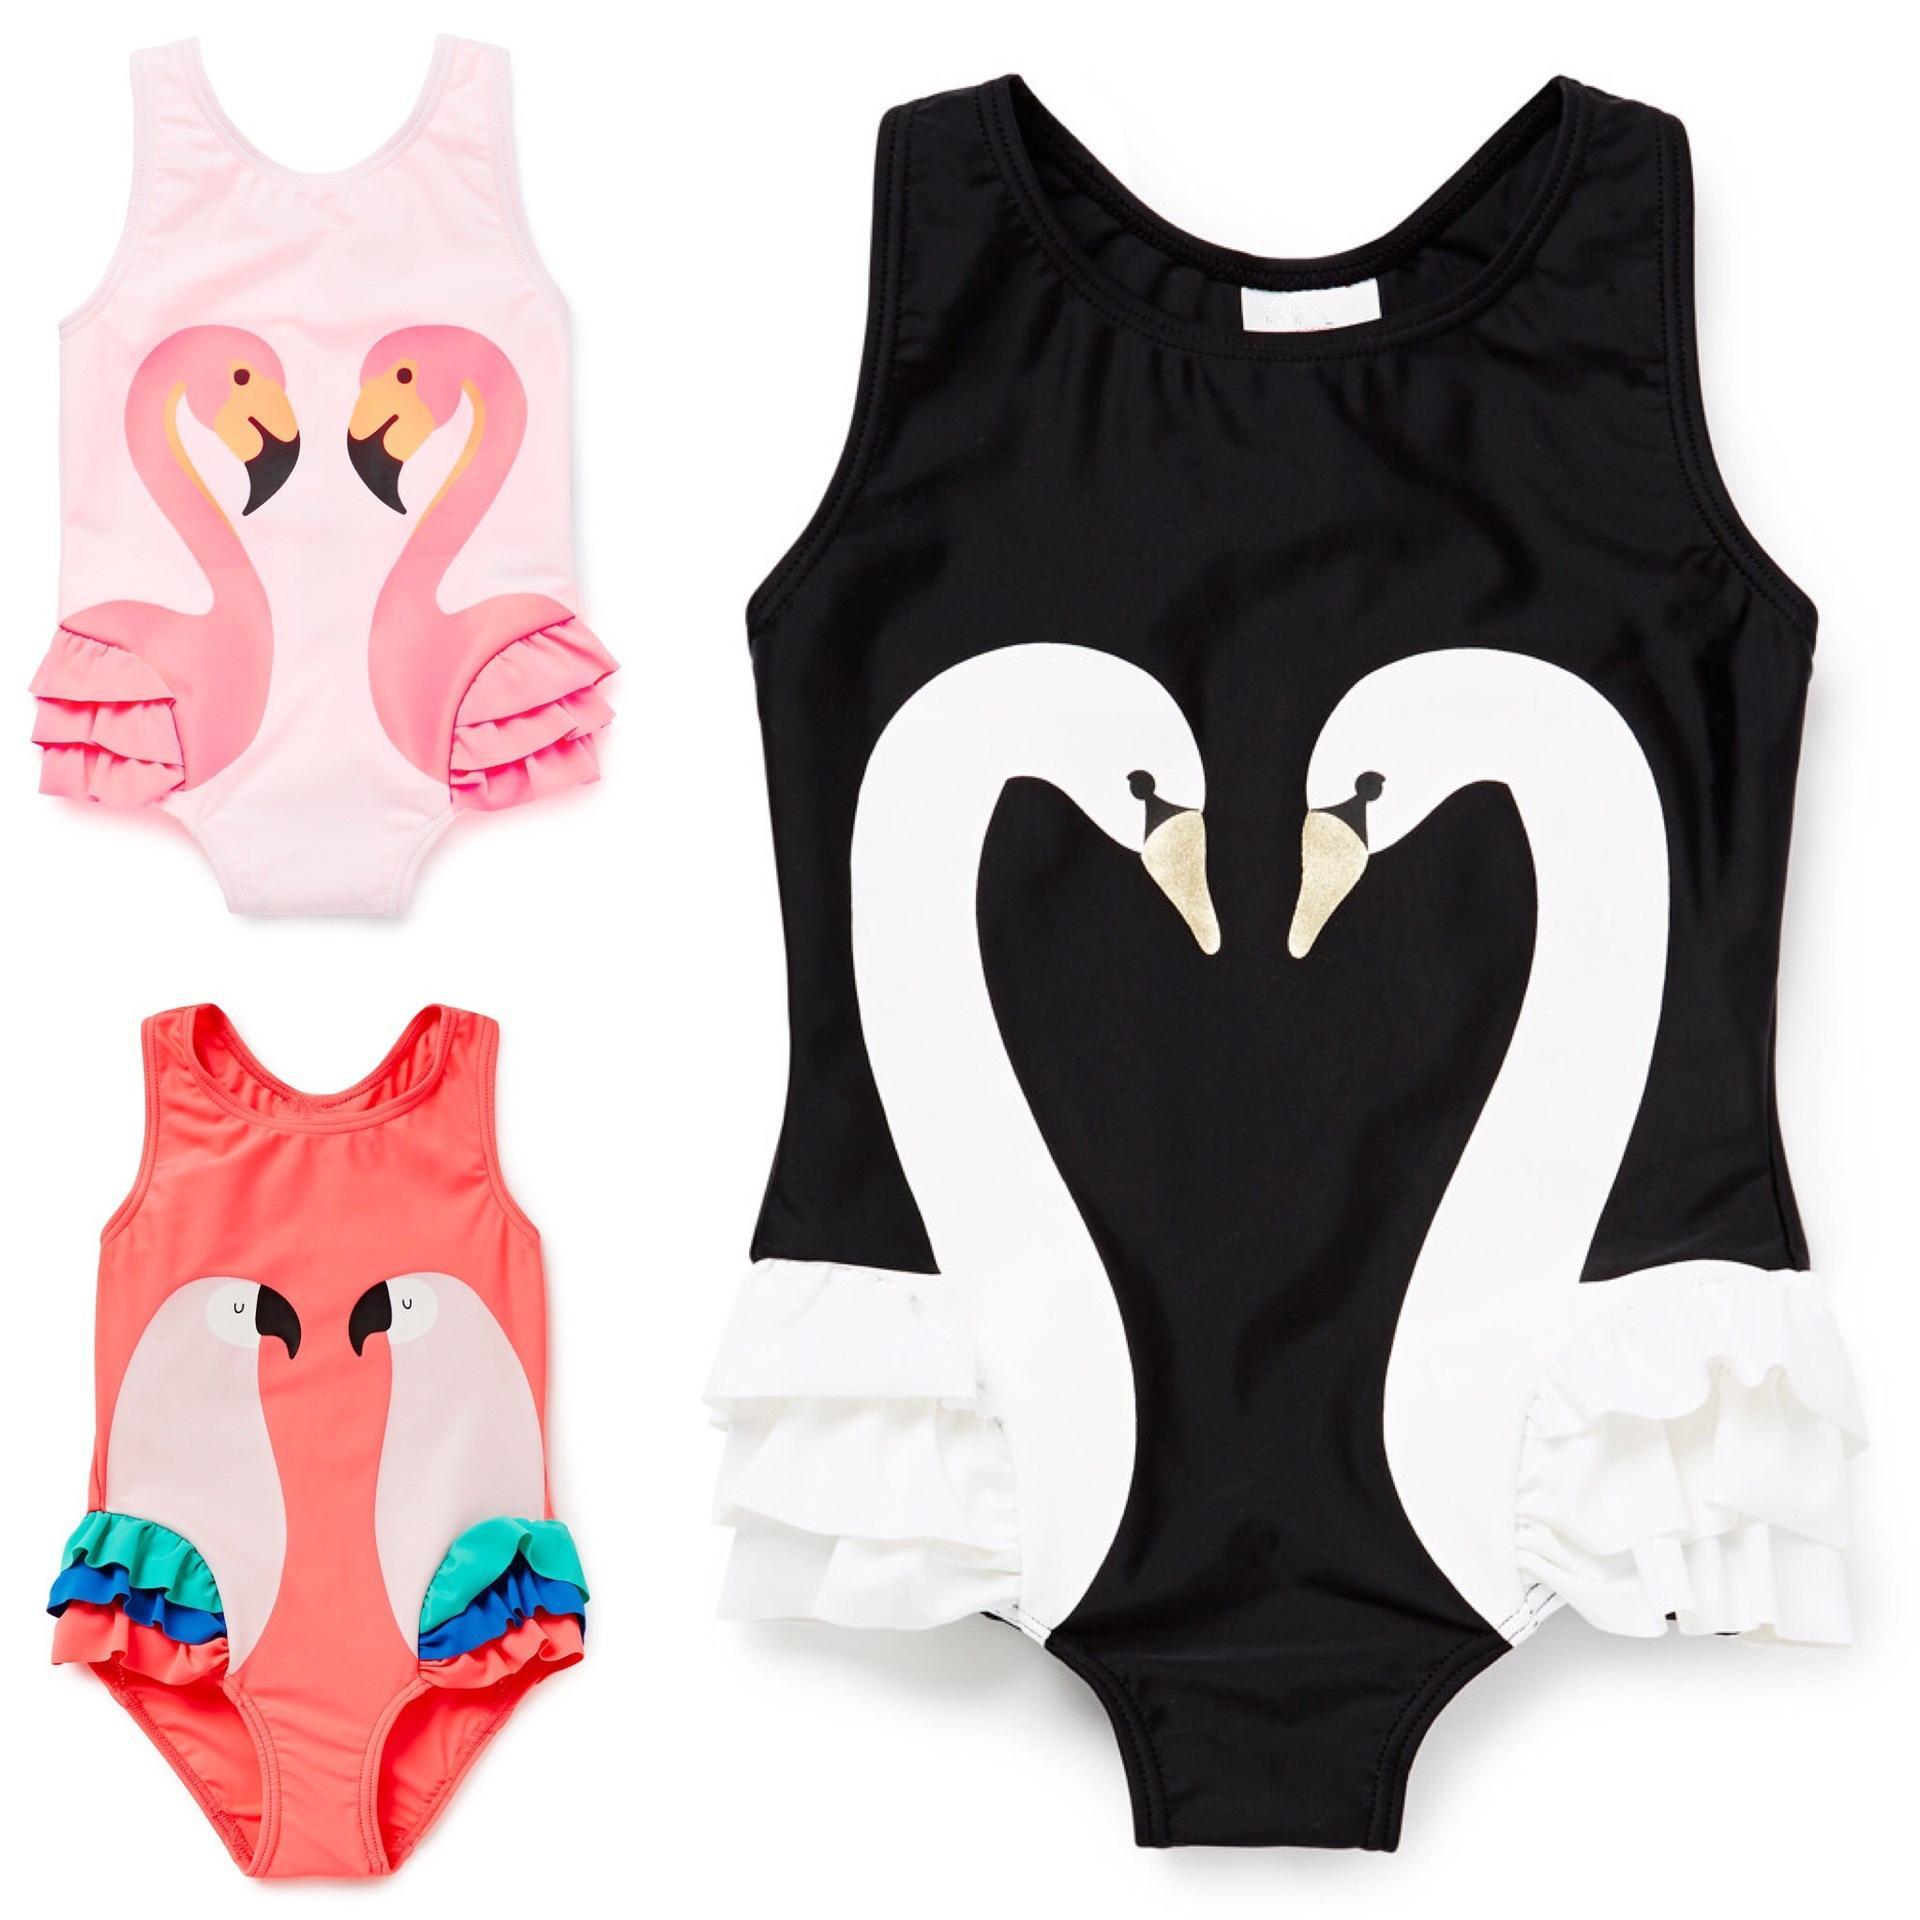 9fa244f6a Compre 4 Estilos Flamingo Swan Trajes De Baño Para Niños Trajes De Baño De  Una Pieza Para Bebés Y Niñas Con Sombreros INS Trajes De Baño Para Bebés  Trajes ...